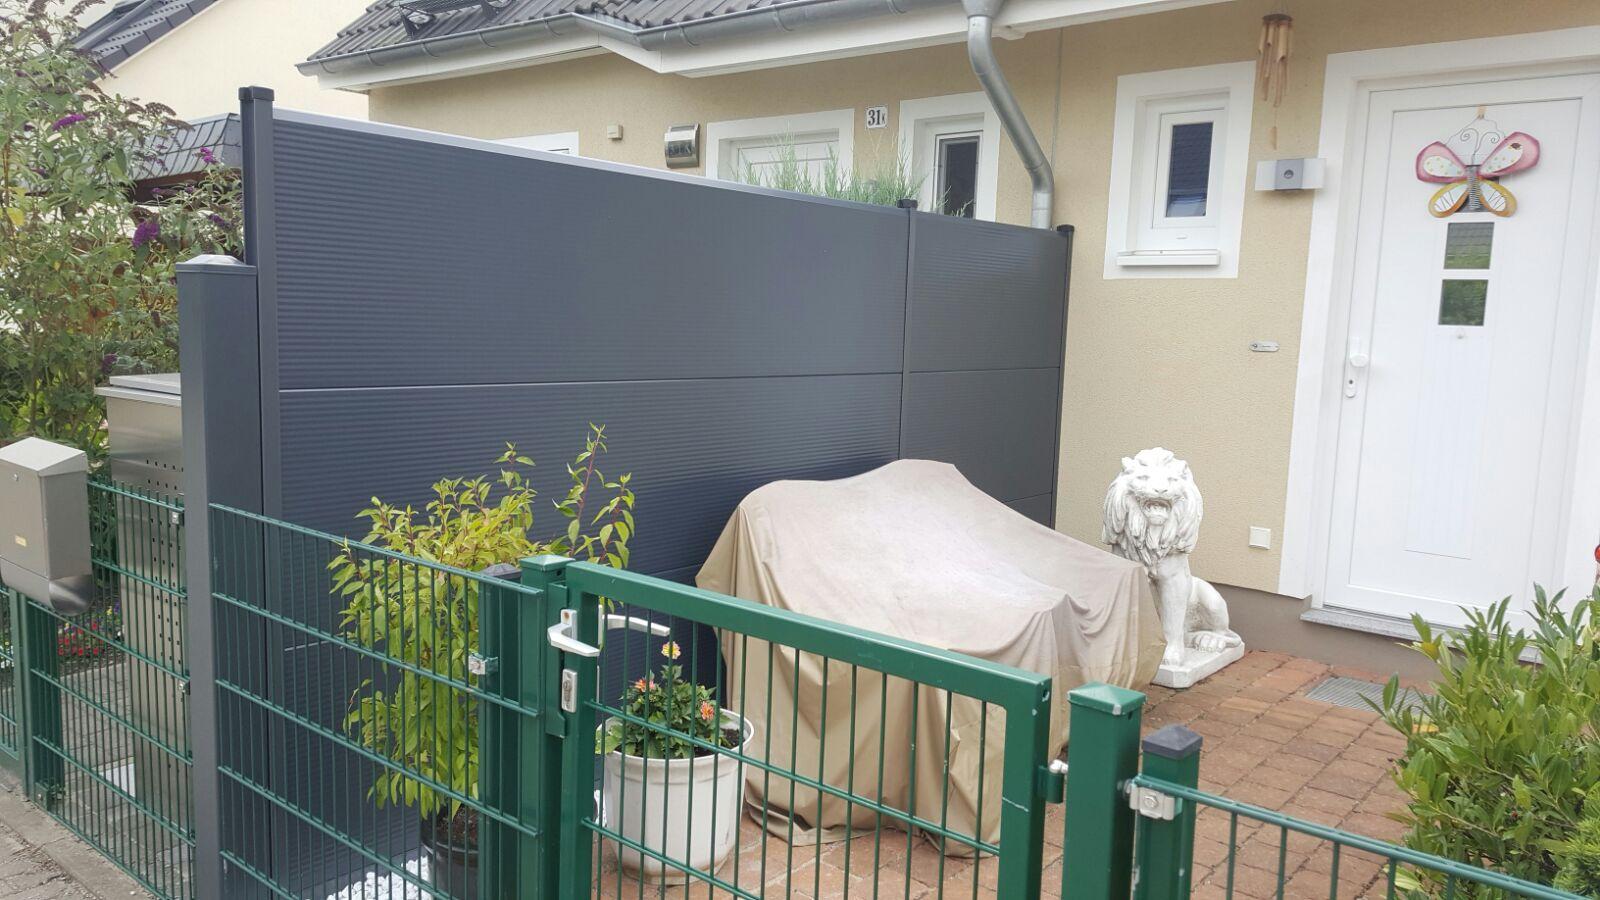 Brilliant Loewe Zaun Foto Von Kein Abblättern Oder Veränderungen Der Farbe –